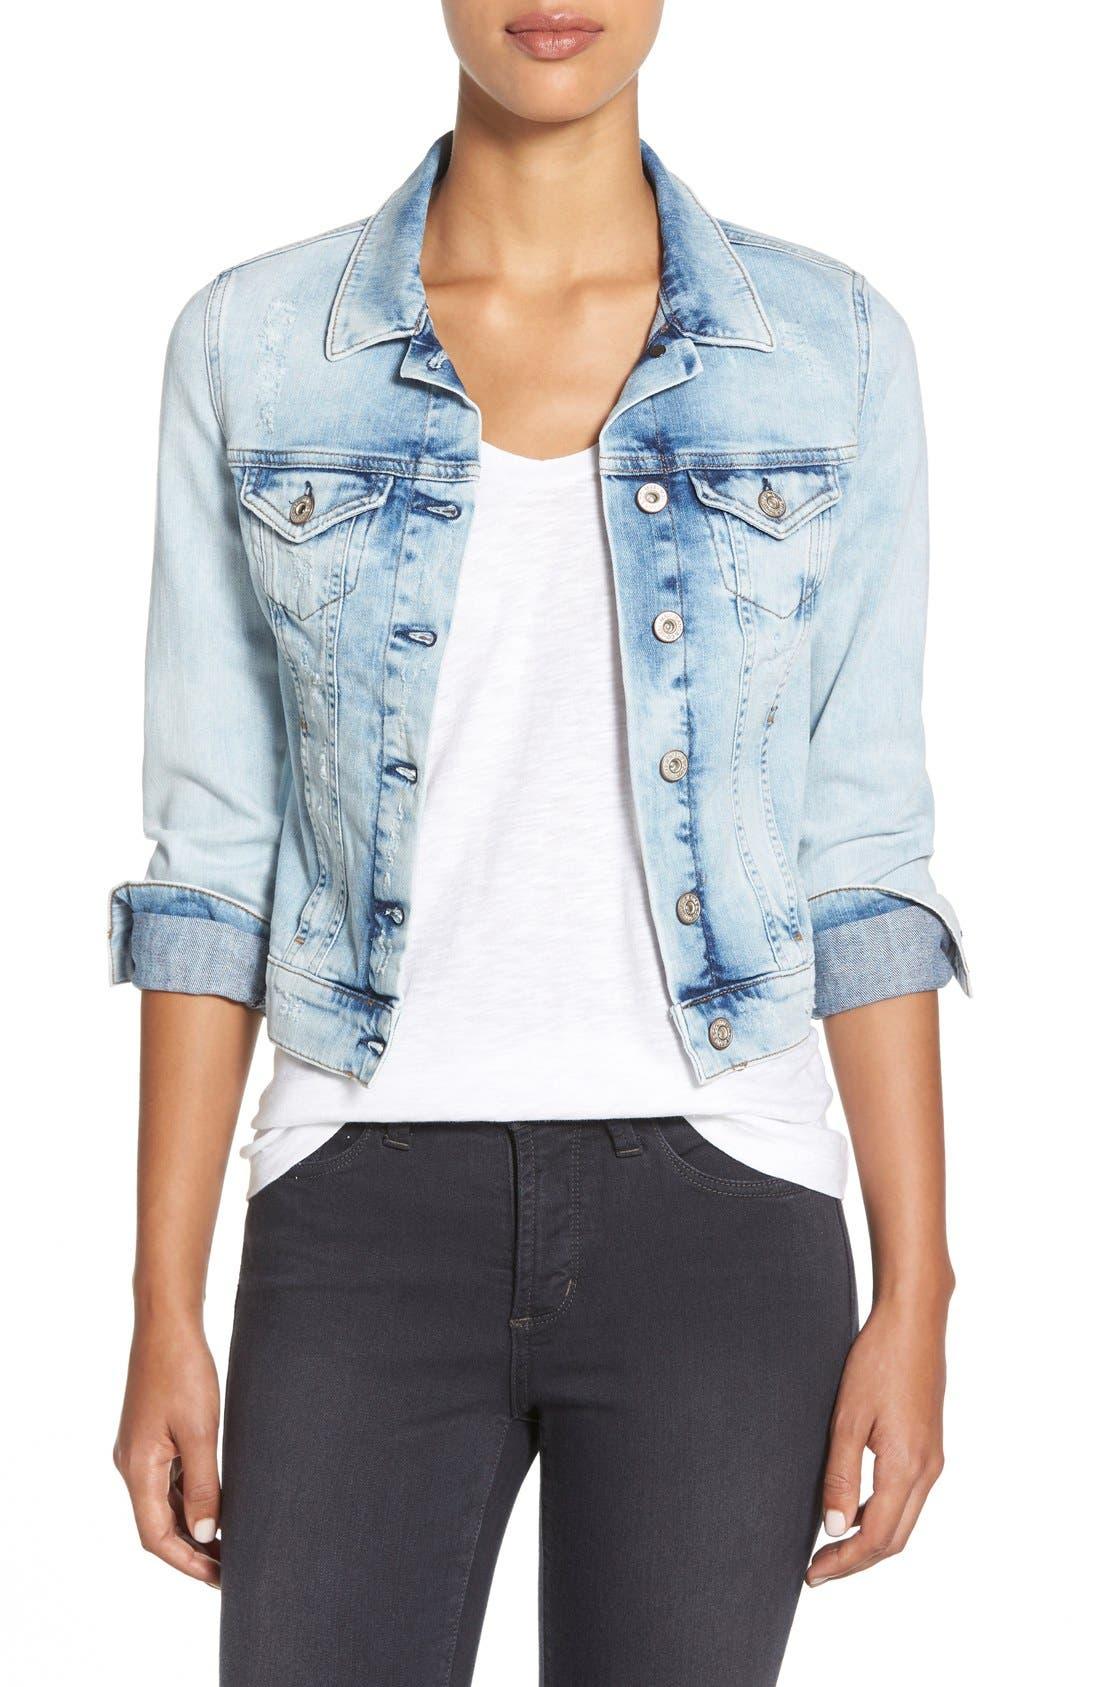 MAVI JEANS, 'Samantha' Denim Jacket, Main thumbnail 1, color, BLEACH VINTAGE